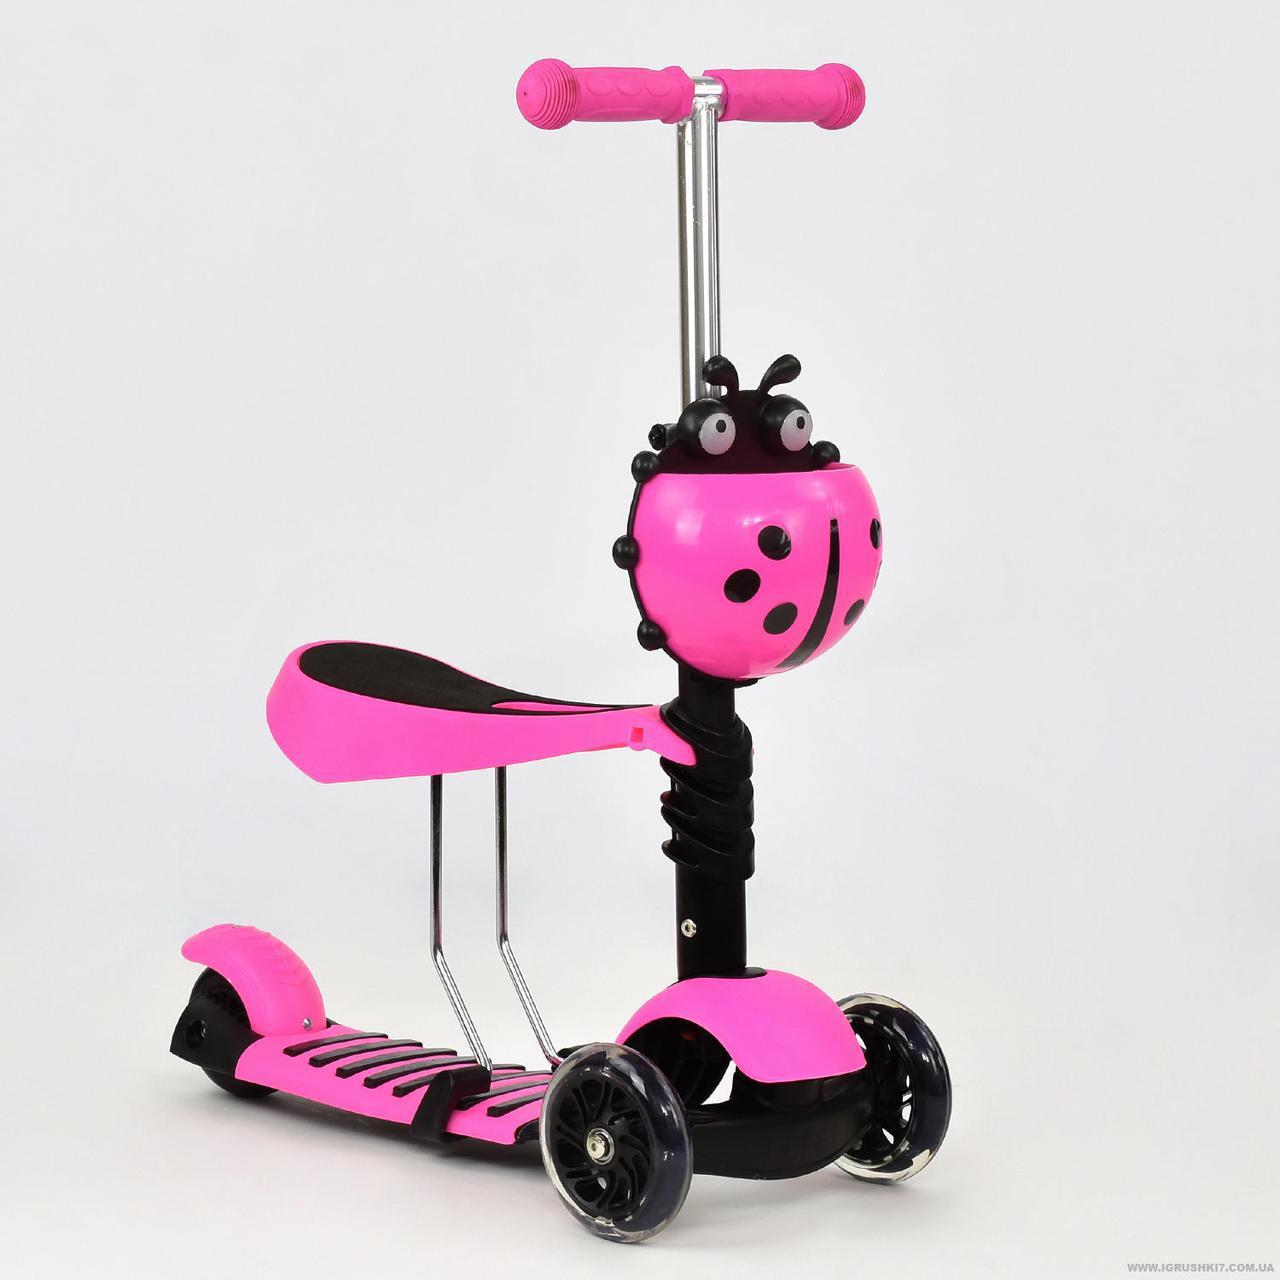 Детский самокат Scooter 3в1 , сиденье, корзинка, А 24666 - 1010 розовы